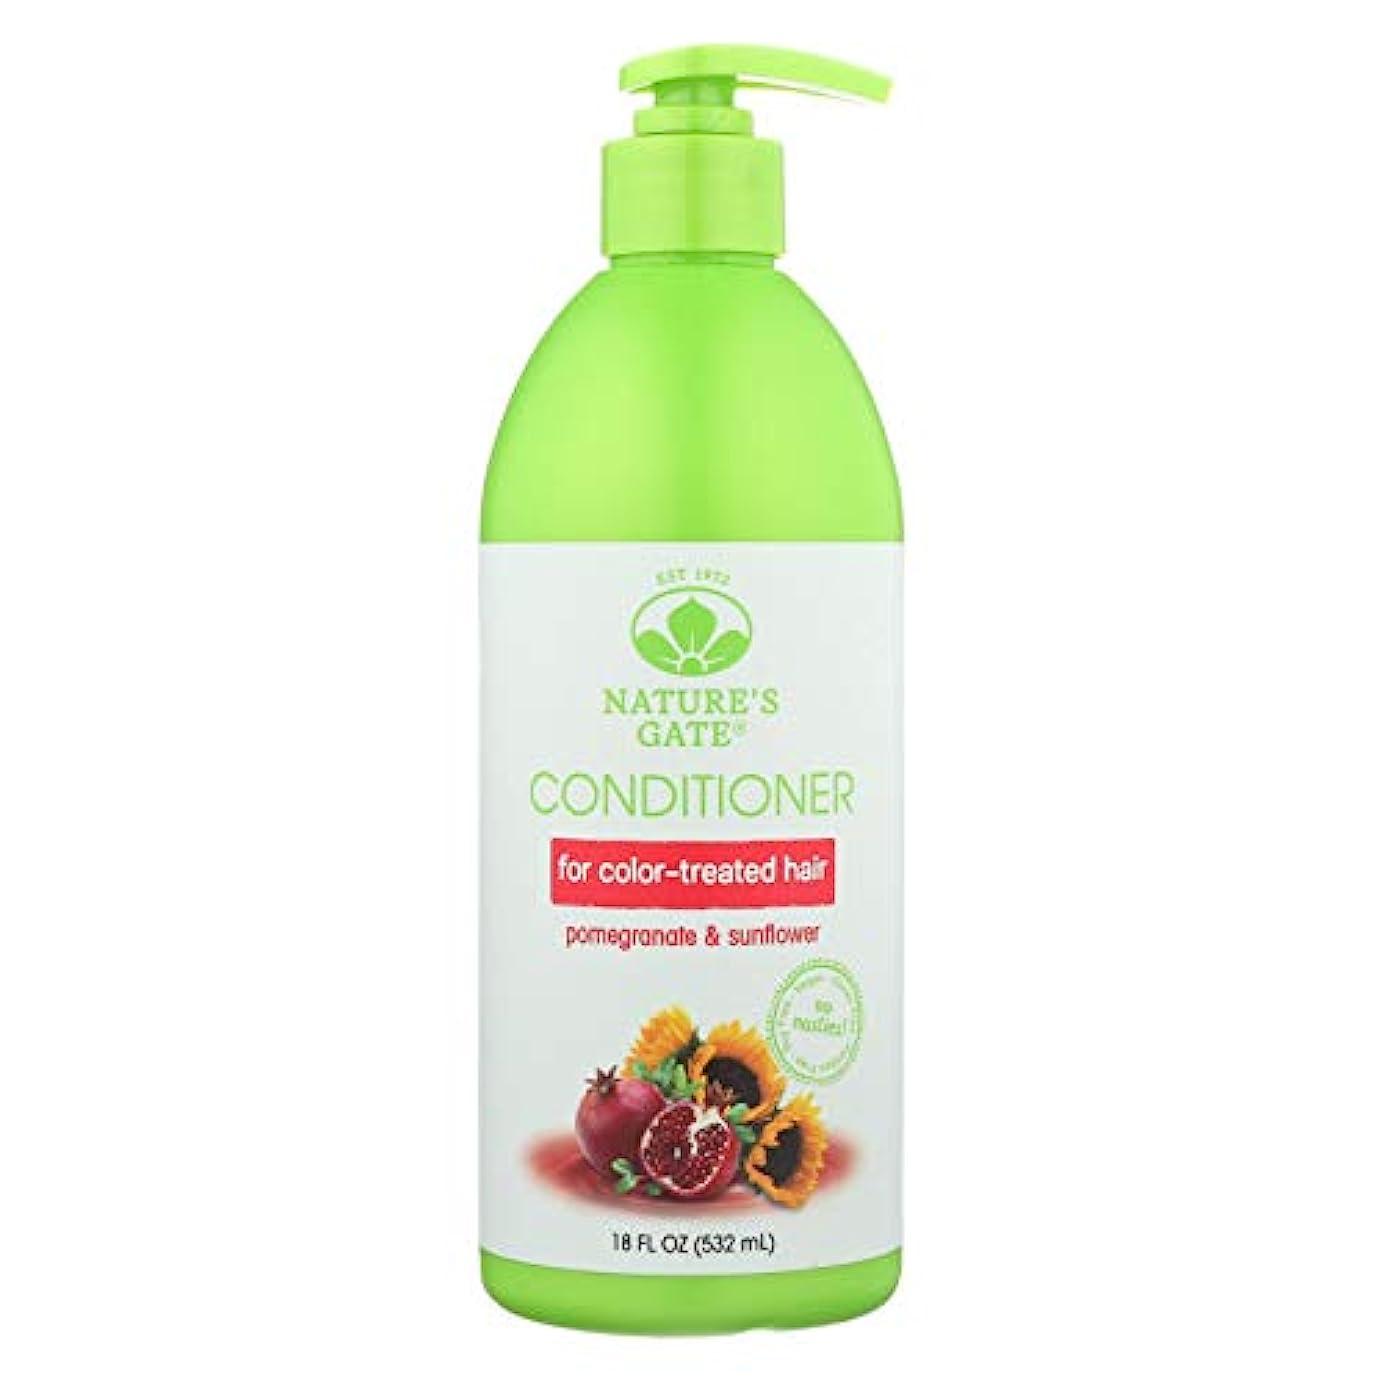 マスク変な大人Nature's Gate, Conditioner, Hair Defense, Pomegranate Sunflower, 18 fl oz (532 ml)